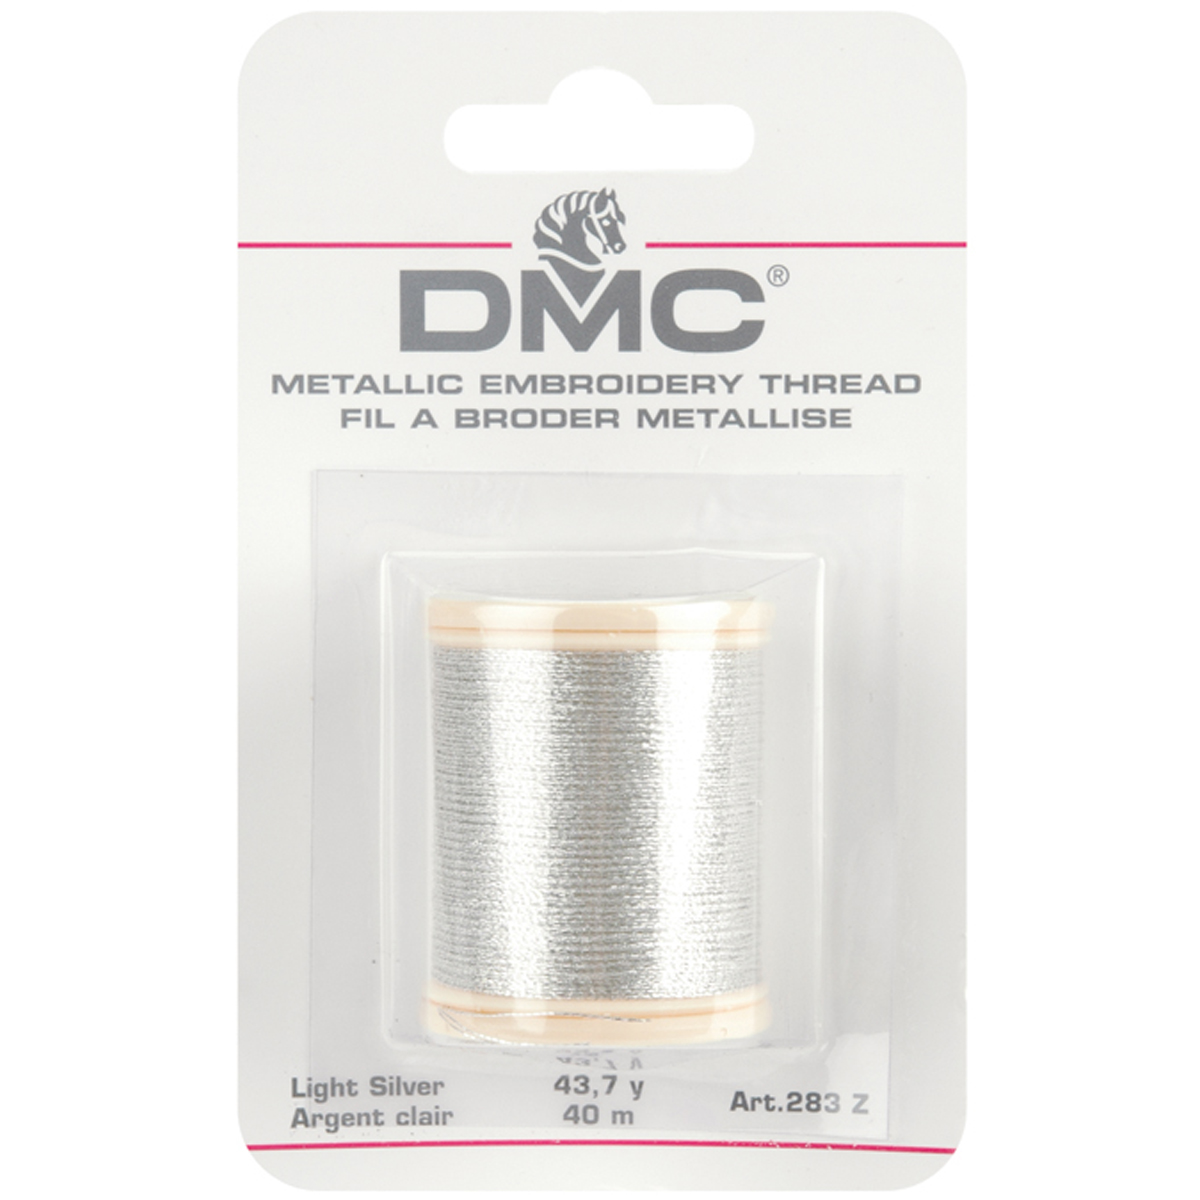 DMC Metallic Embroidery Thread 43.7yd-Light Silver